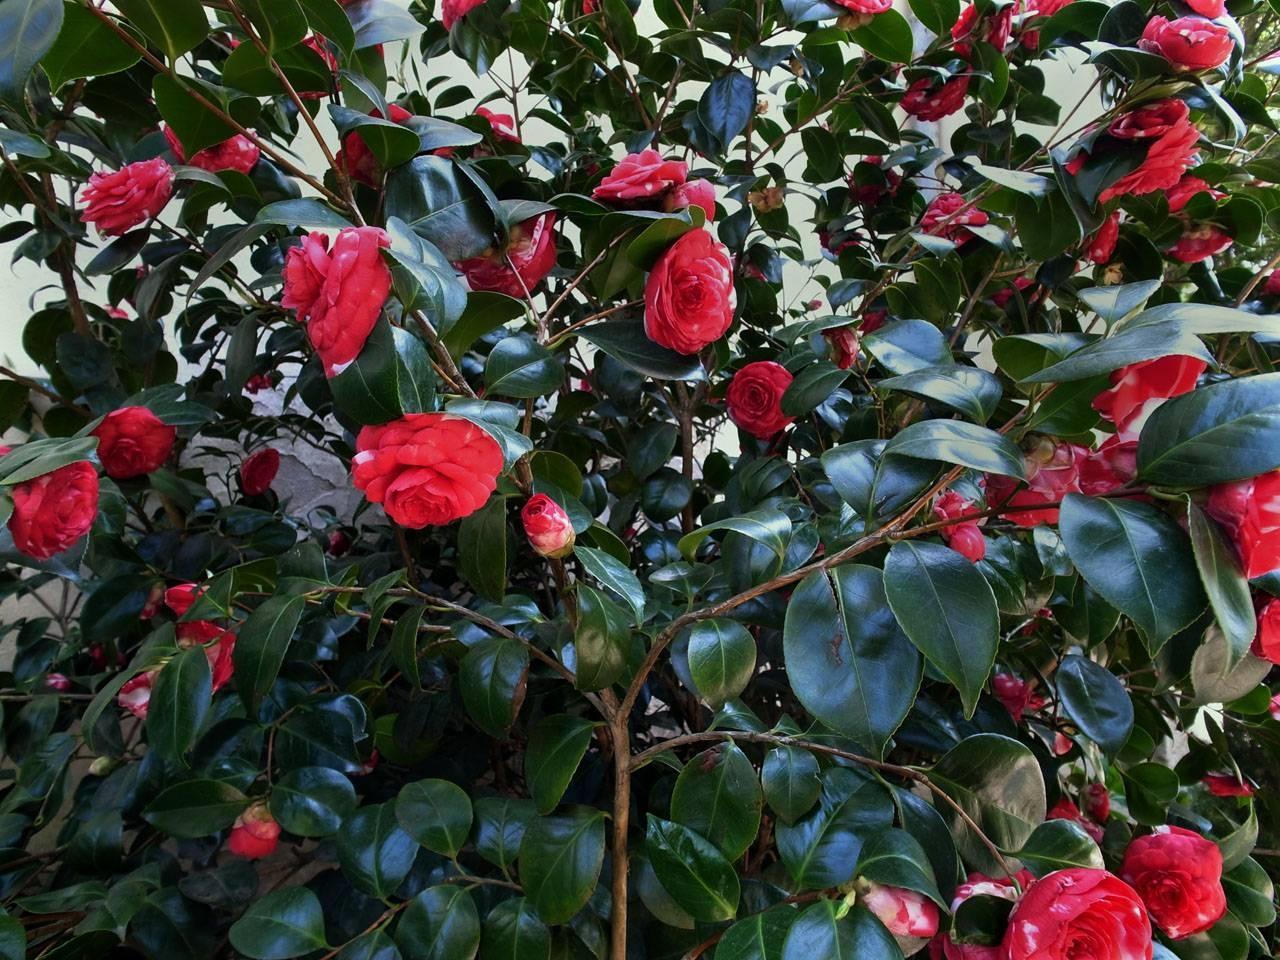 Casa immobiliare accessori piante da giardino invernali - Piante invernali da giardino ...